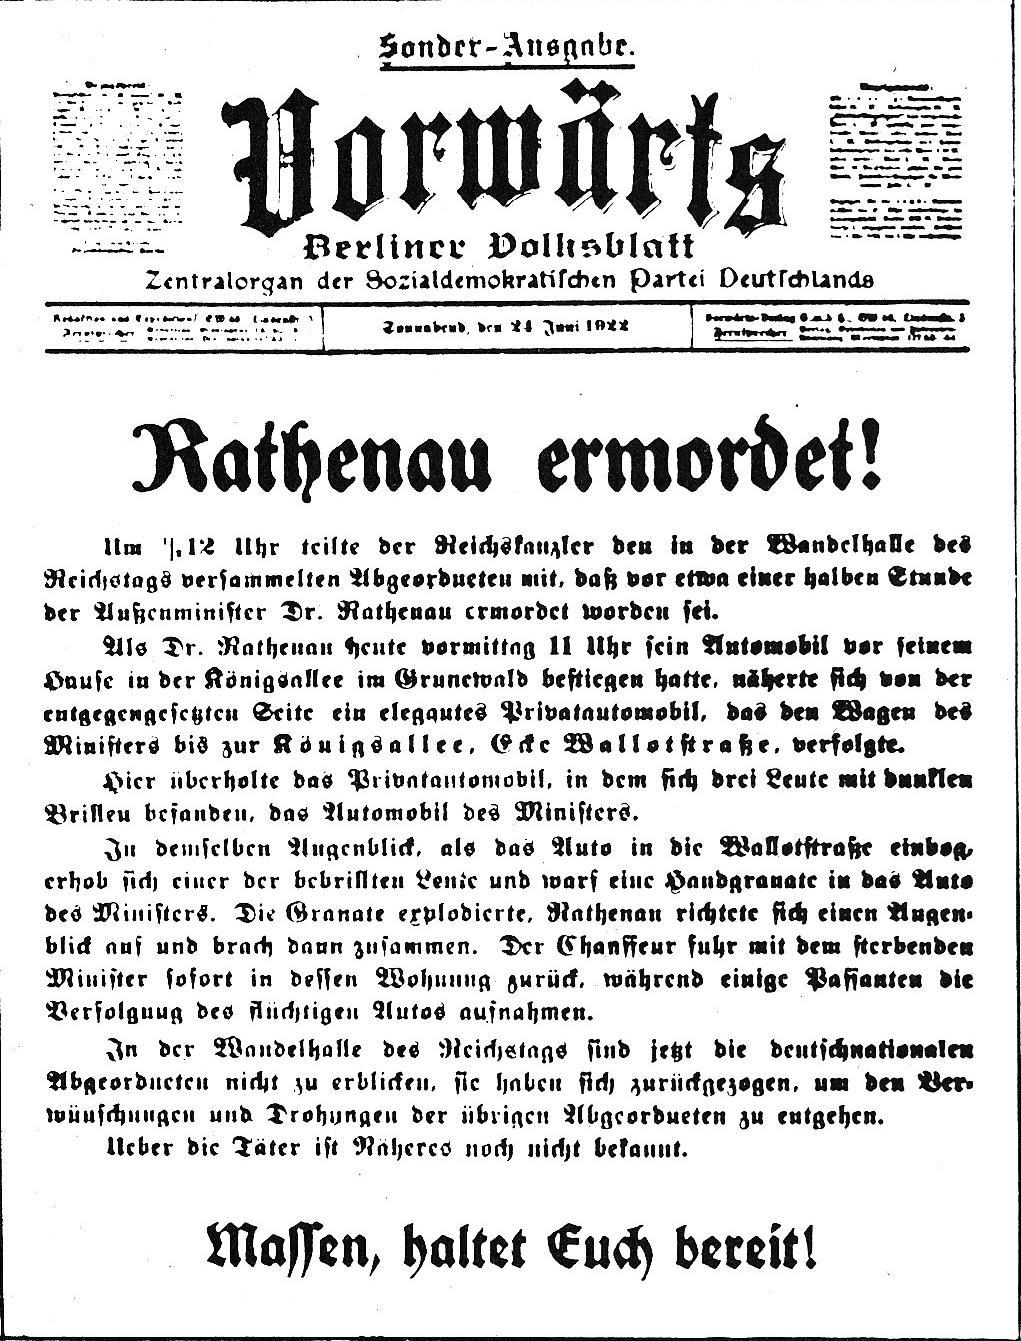 Vorwärts-Ausgabe zur Ermordung Walther Rathenaus